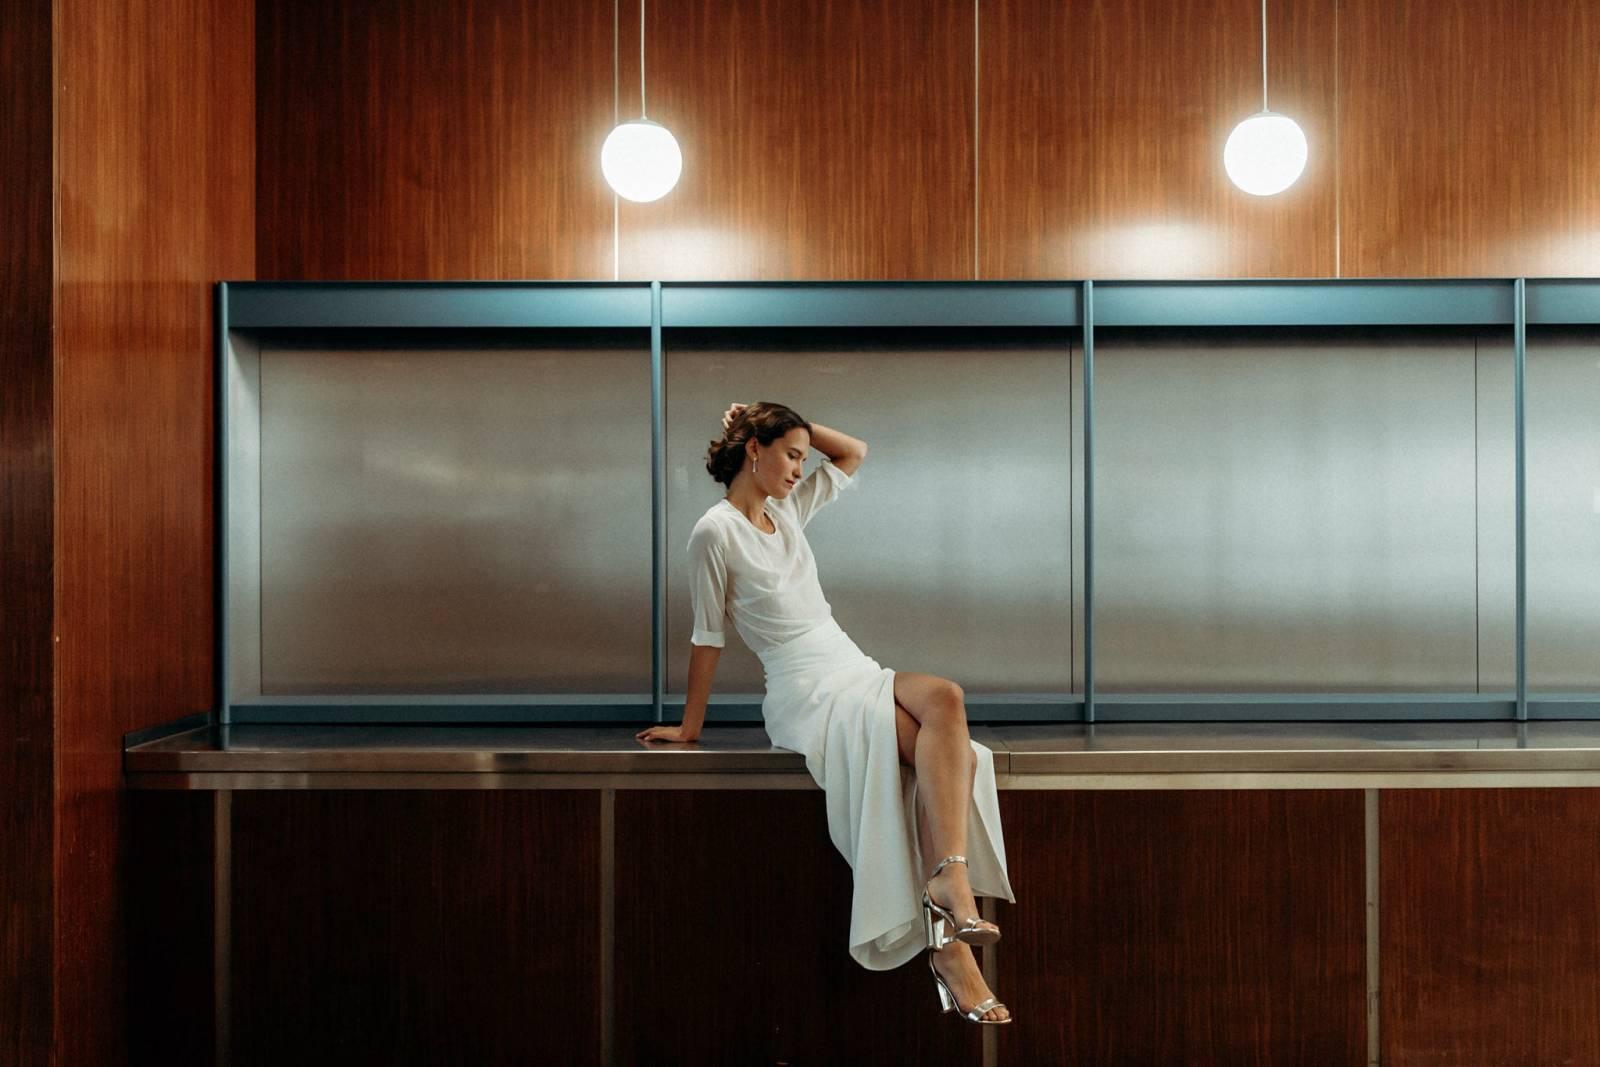 Sikkema - Trouwjurk - Bruidswinkel - Fotograaf Elke van den Ende - House of Weddings - 1